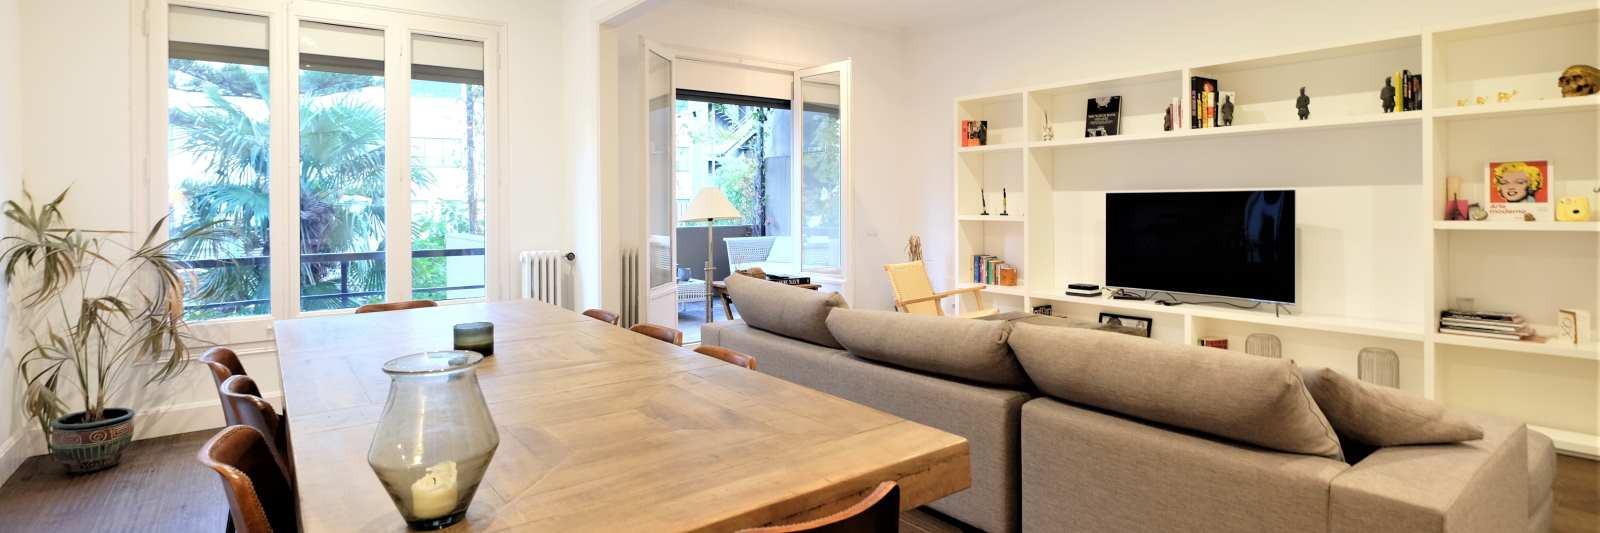 MG Inmobiliaria Barcelona - madrazo-madrazo